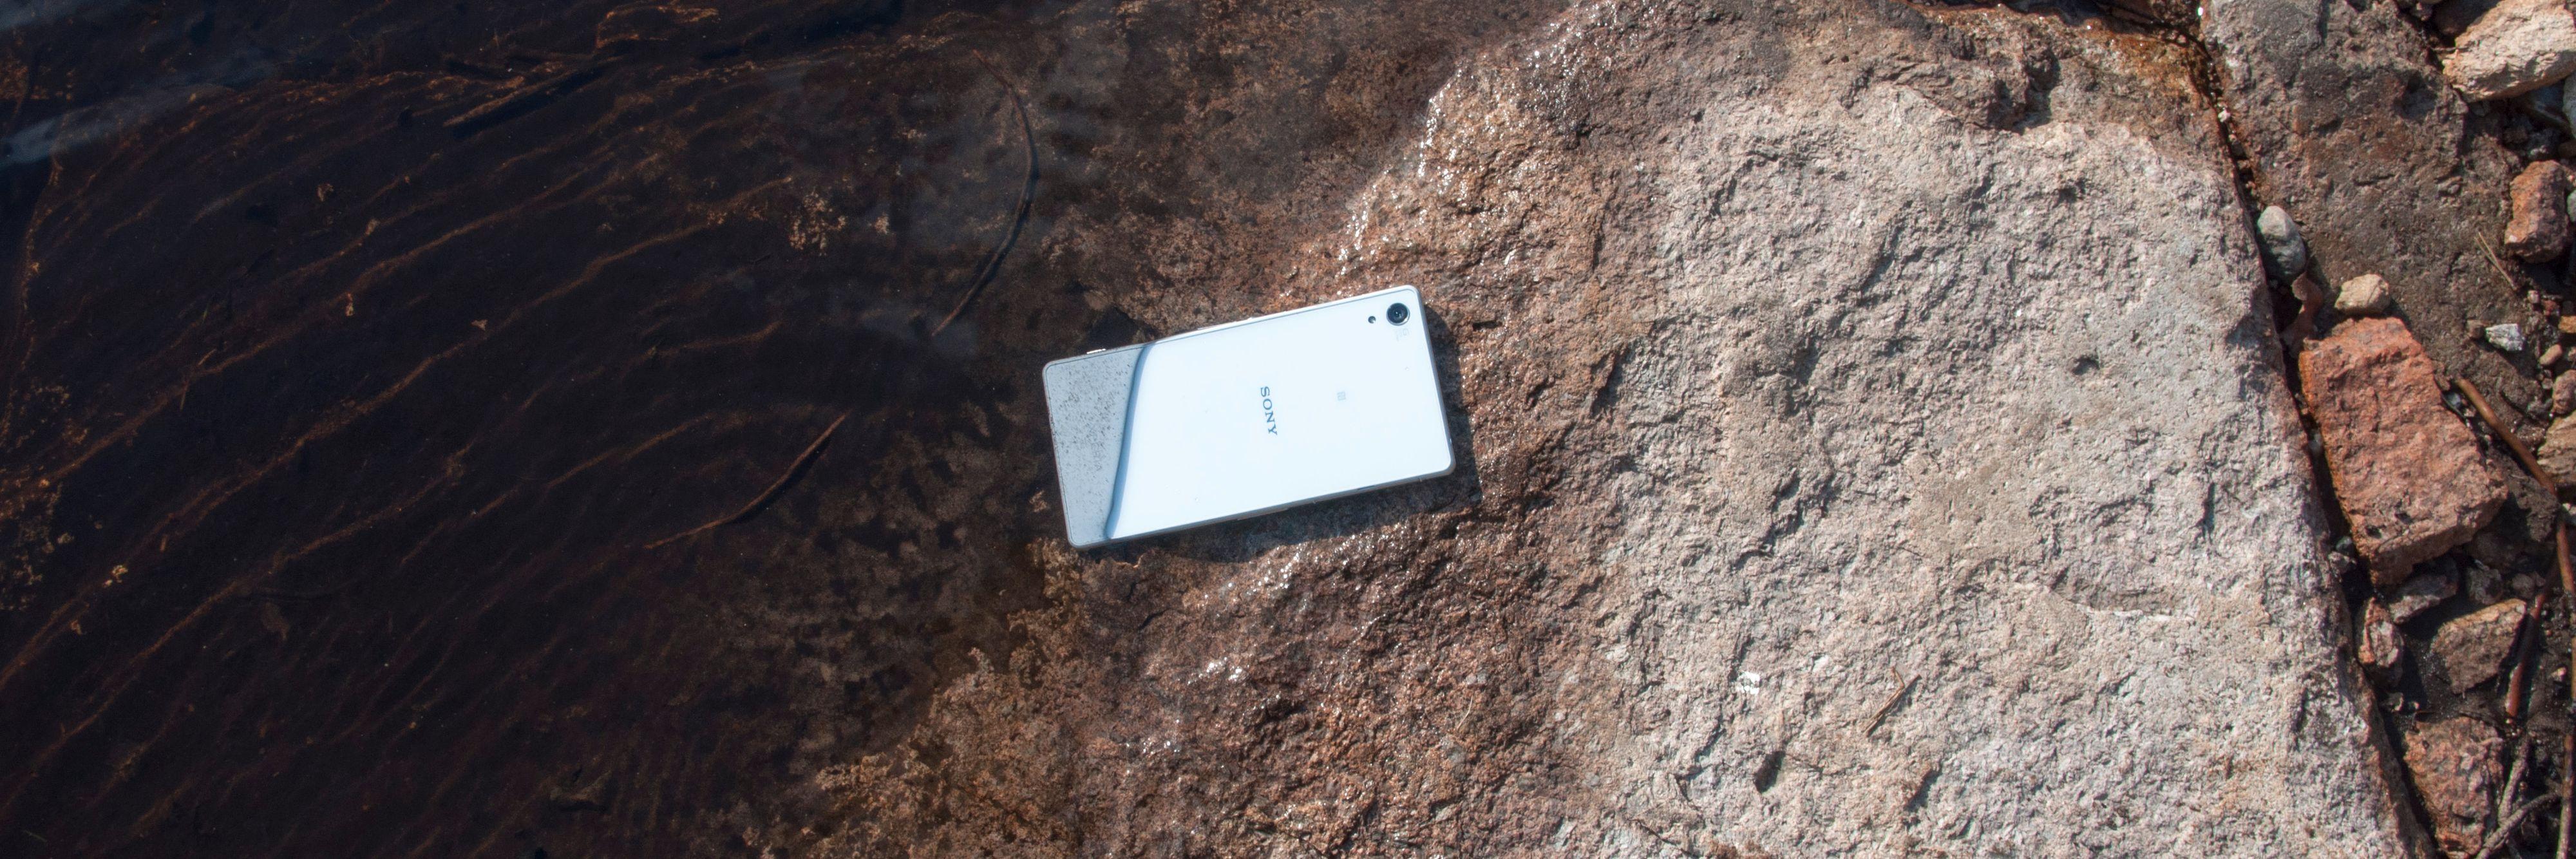 Som vanlig er dette en vanntett telefon.Foto: Finn Jarle Kvalheim, Amobil.no